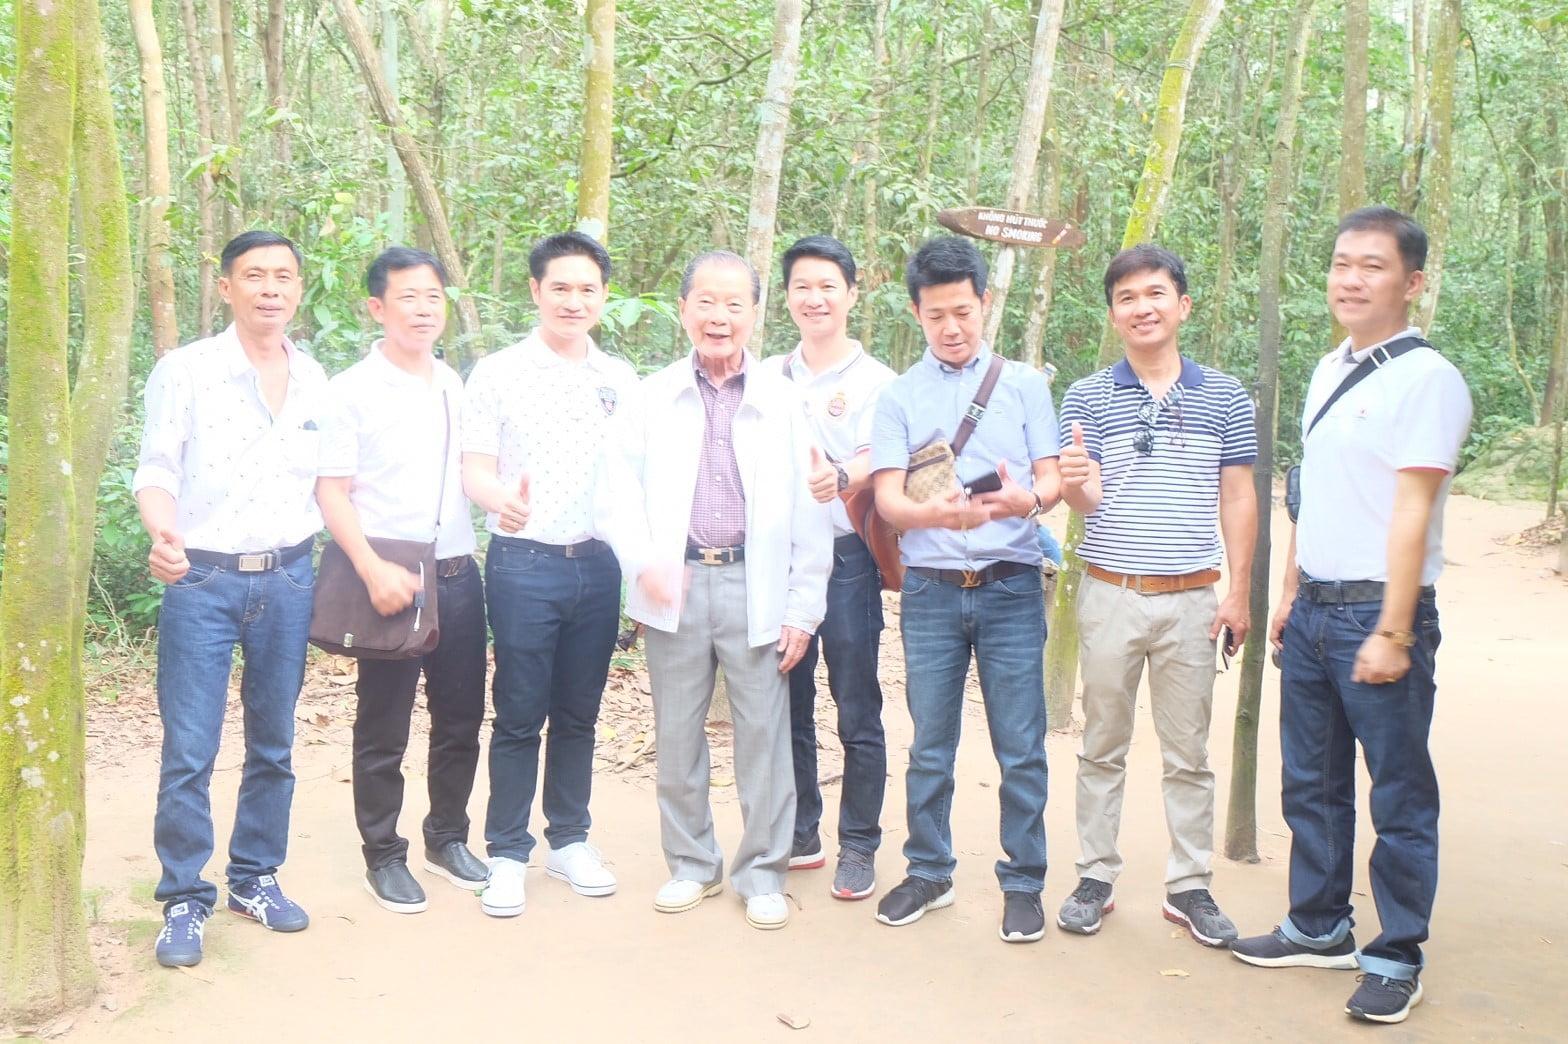 เวียดนาม รุ่งแสง (12)